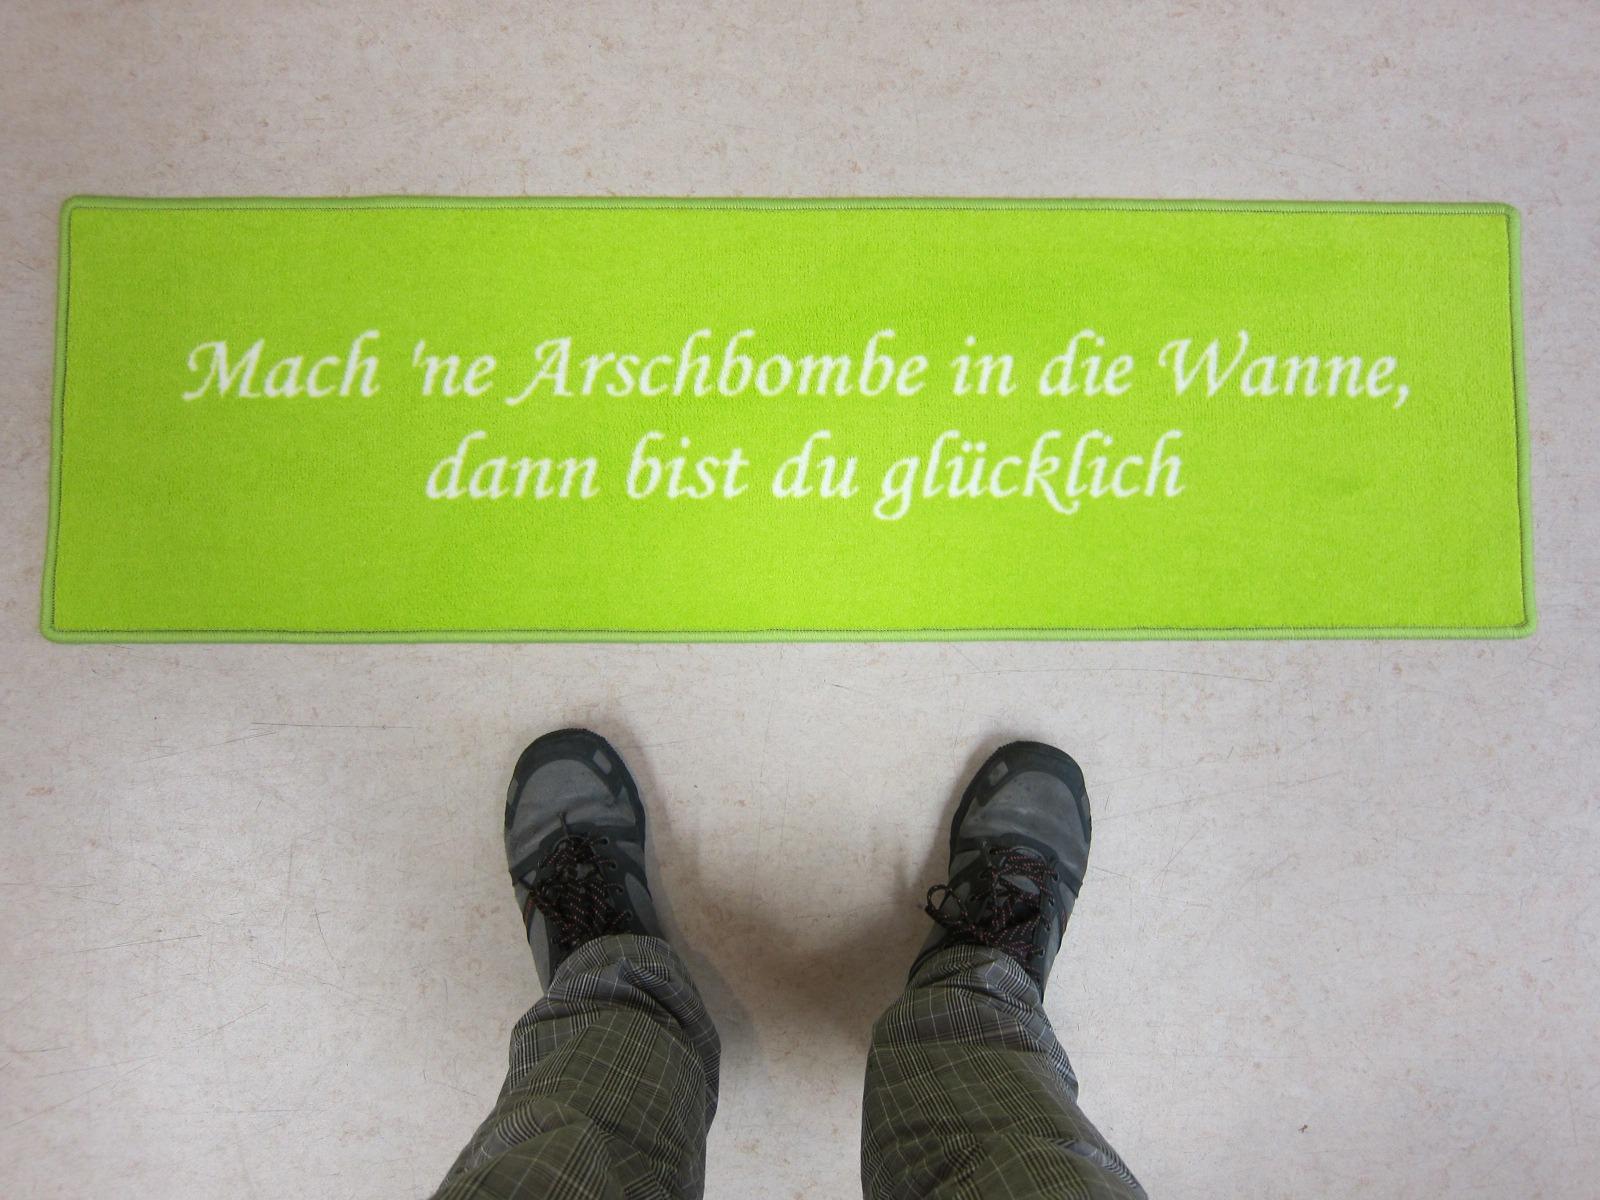 Mach 'ne Arschbombe